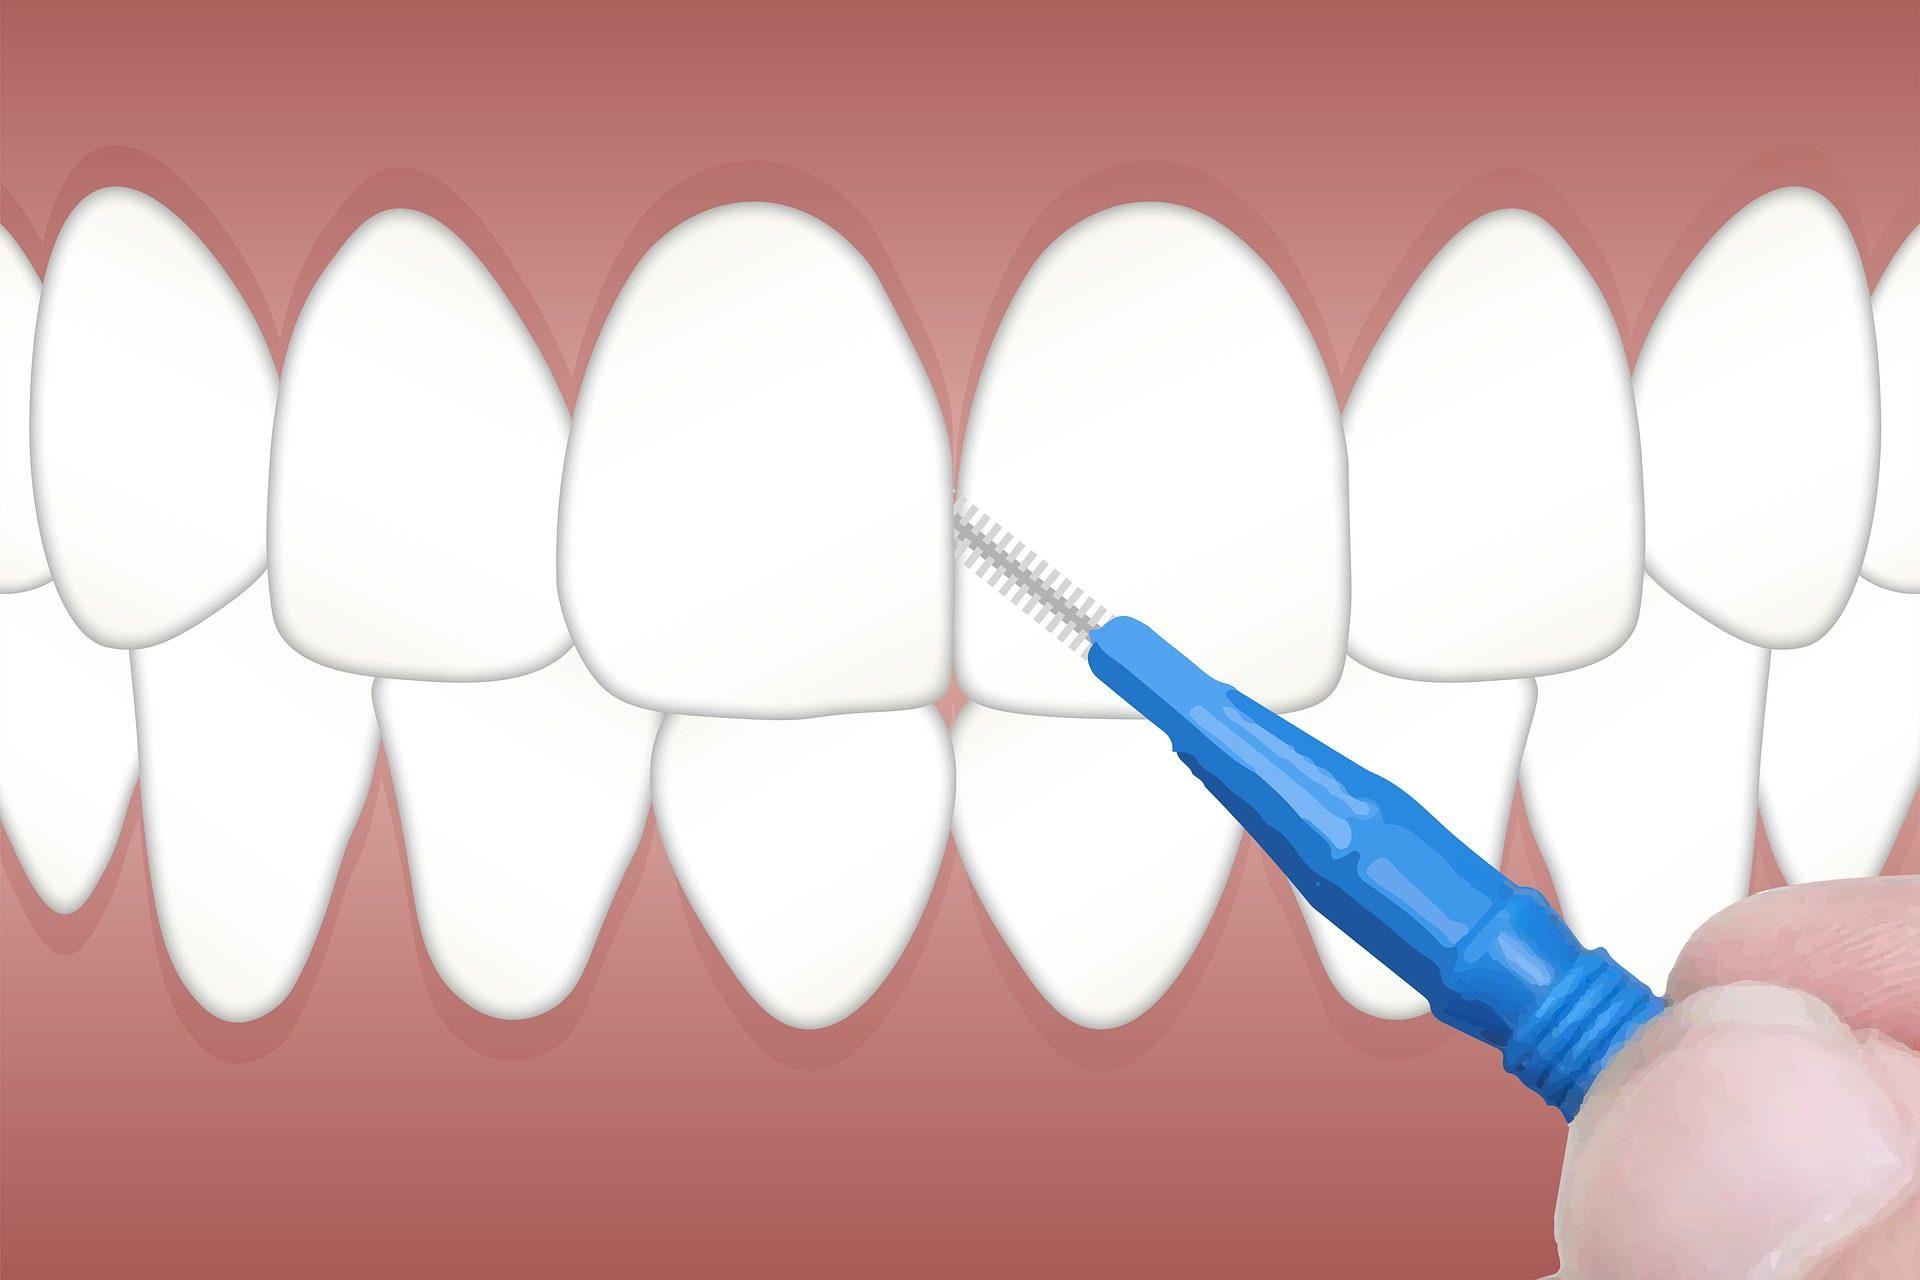 Jak poprawnie myć zęby?